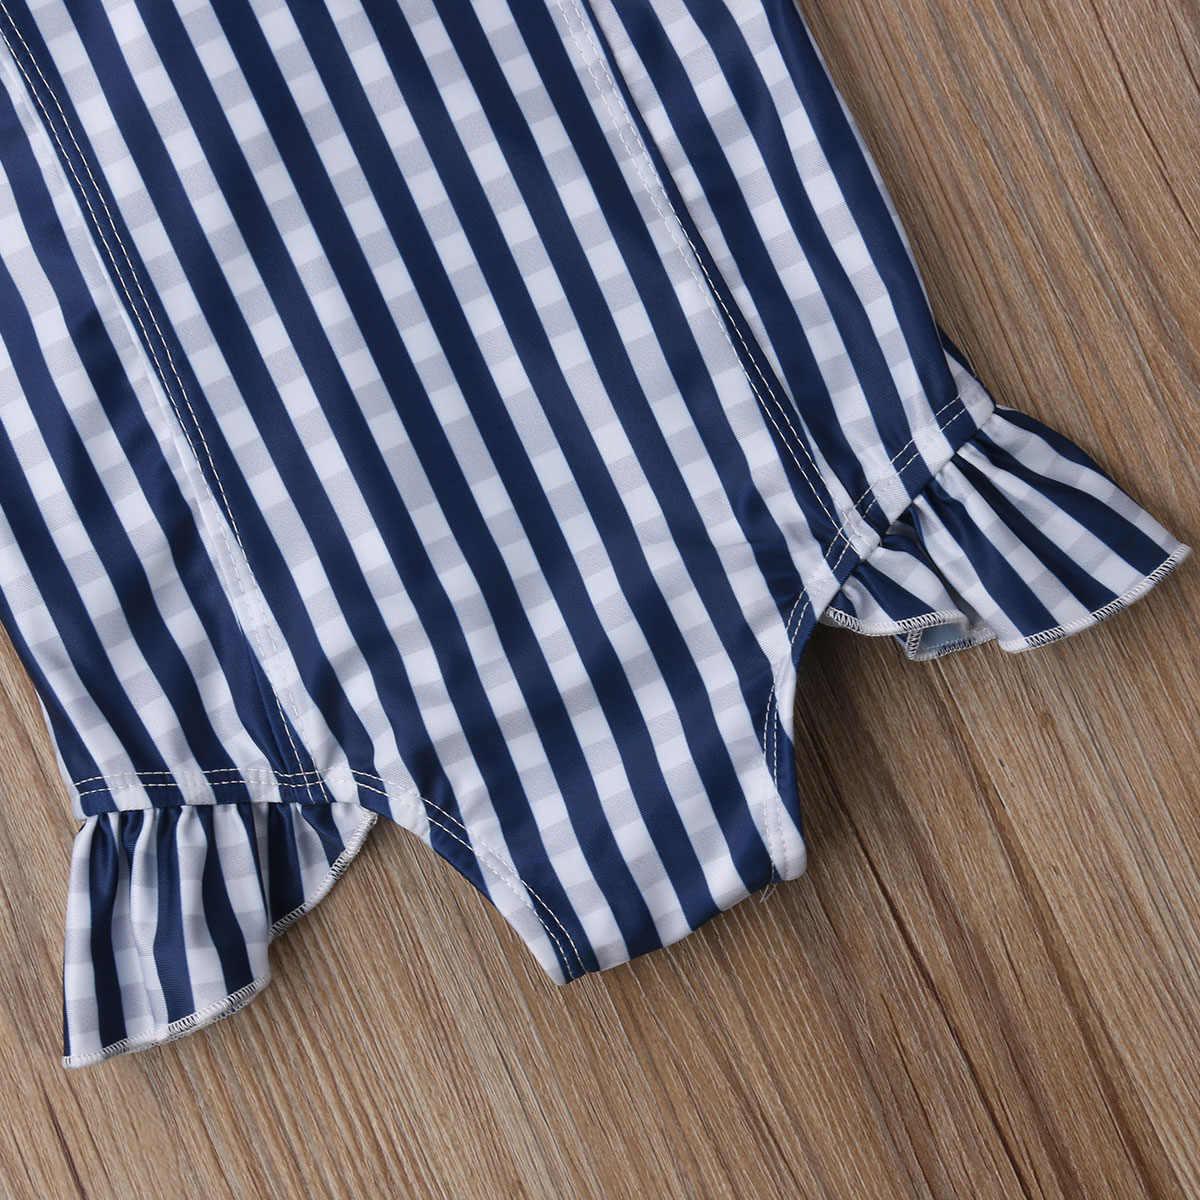 Ít Cô Gái Sọc Dọc Một mảnh Áo Tắm Bé Bé Cô Gái Tắt Shoulder Swimwear Đồ Tắm Tắm Beachwear 1-6 T